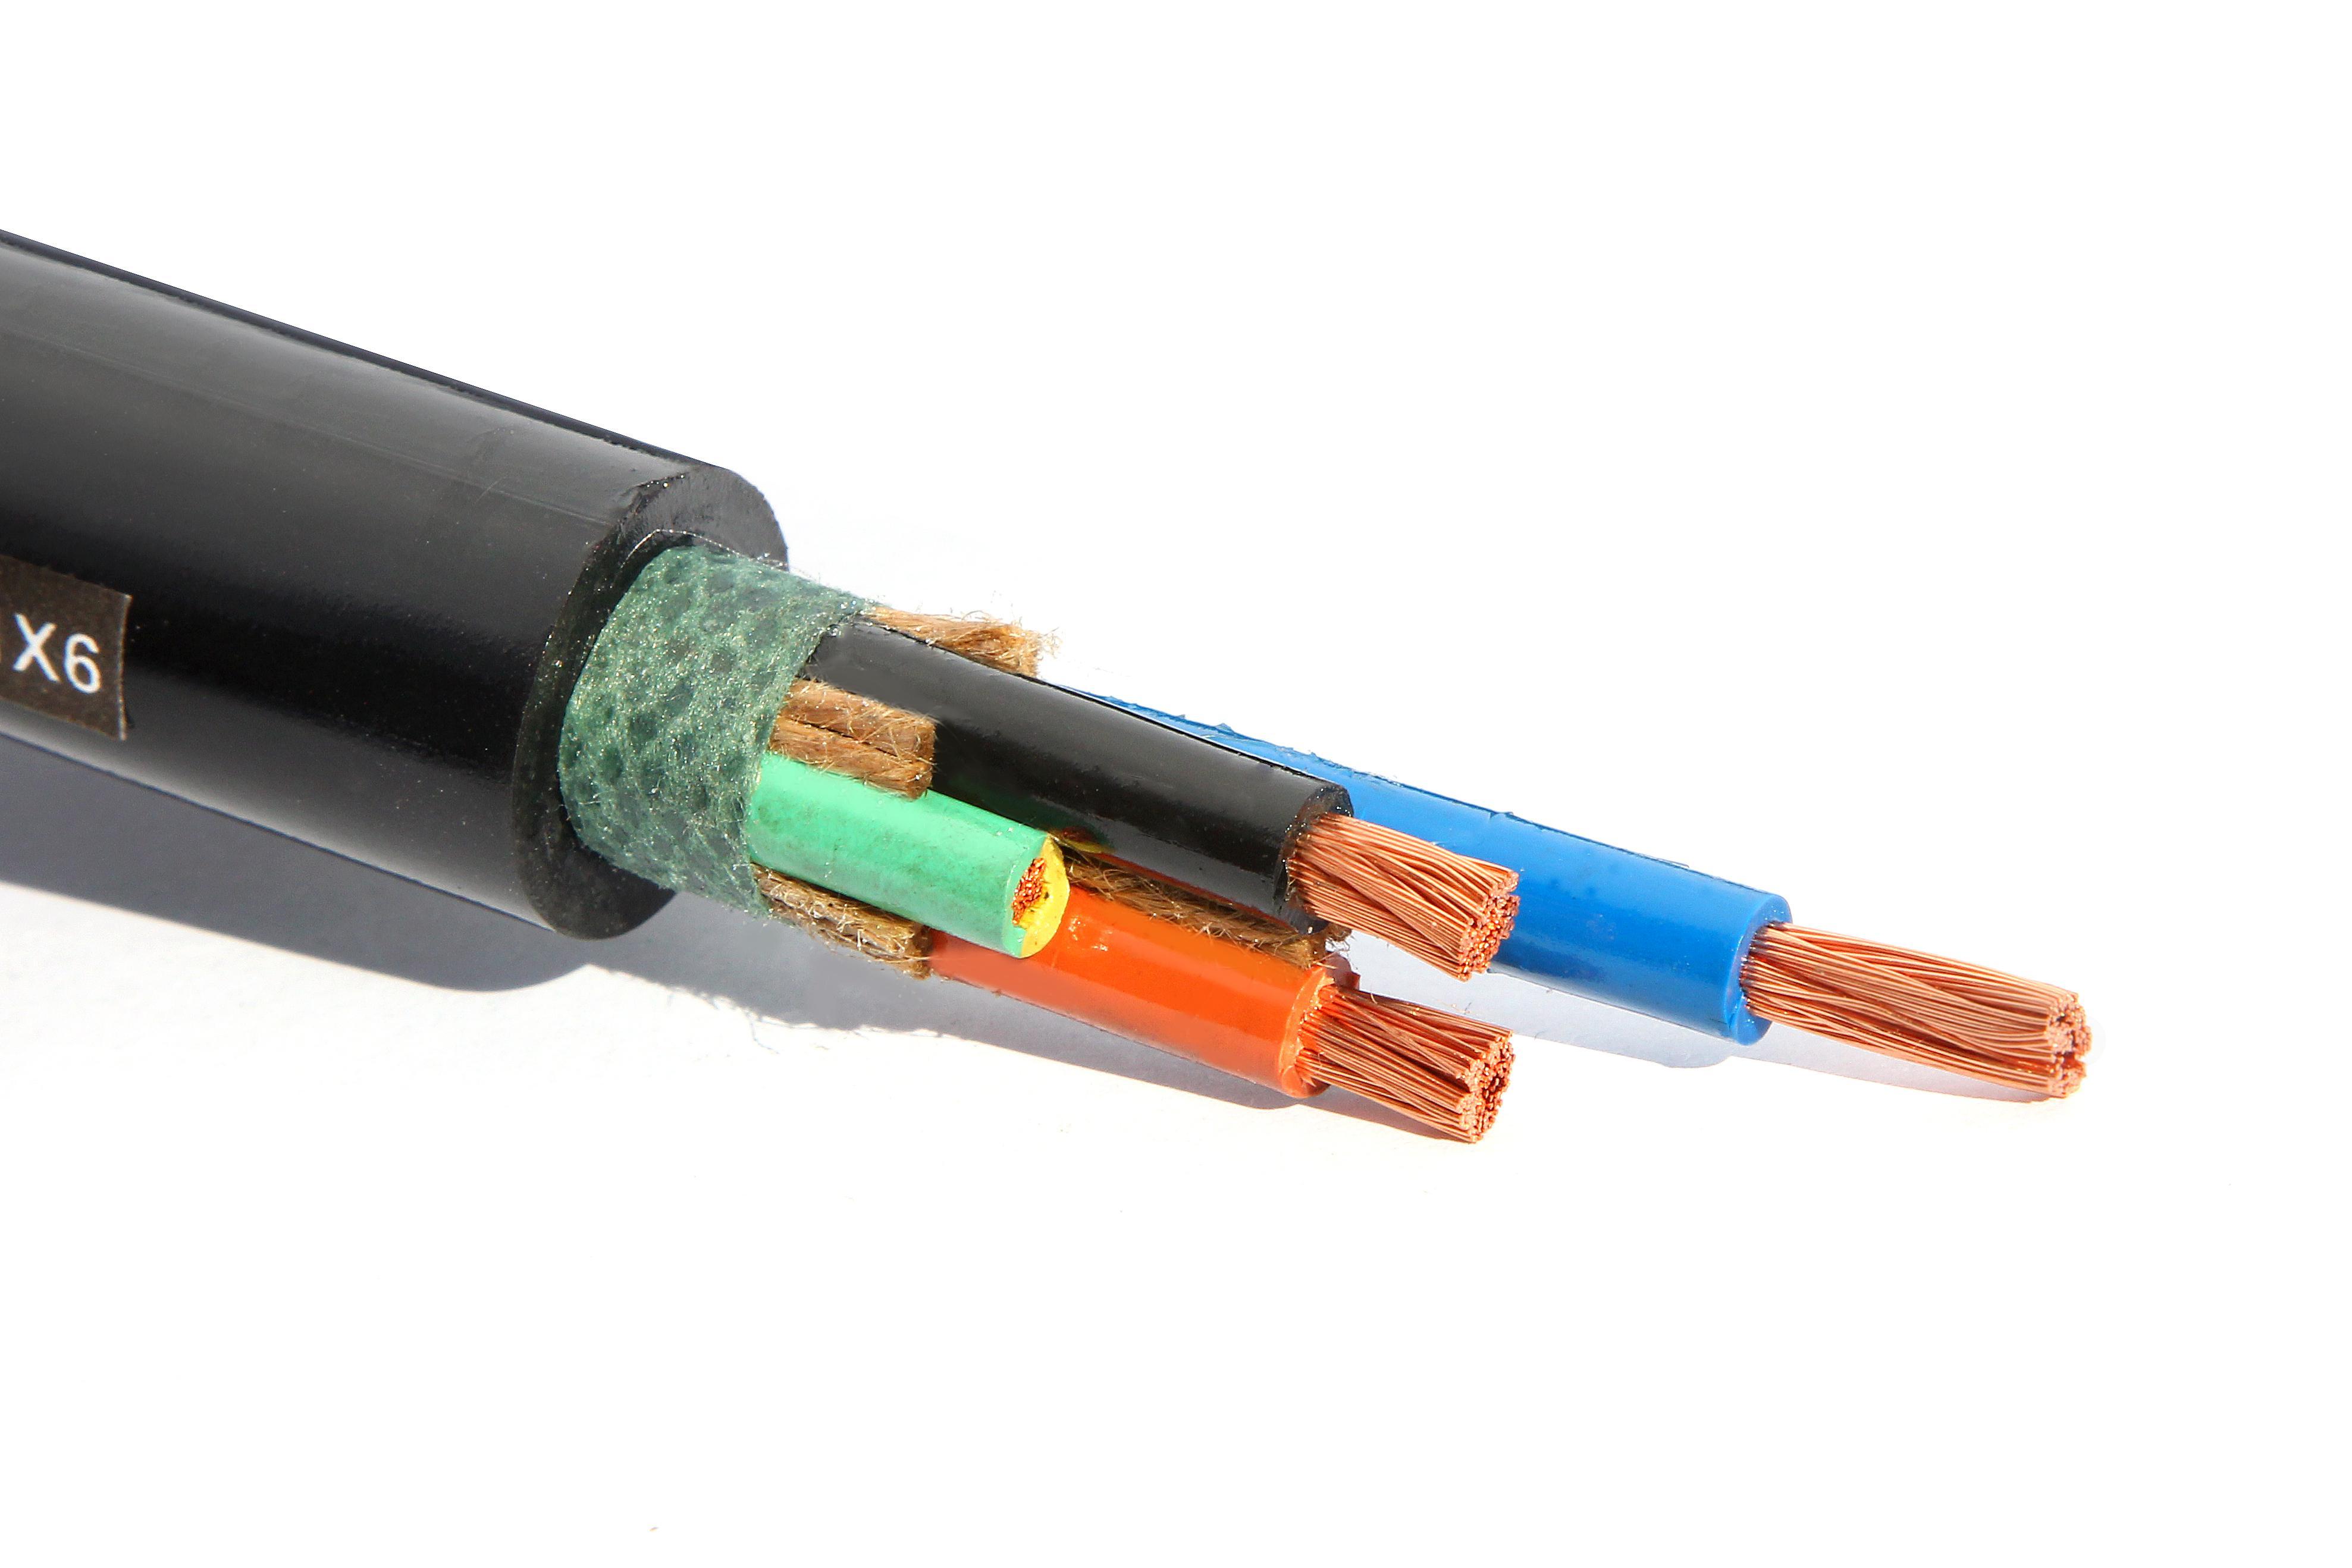 橡套电缆 四芯重型橡套耐油软电缆 YCW3x10 1x6平方 中策电缆厂家直销